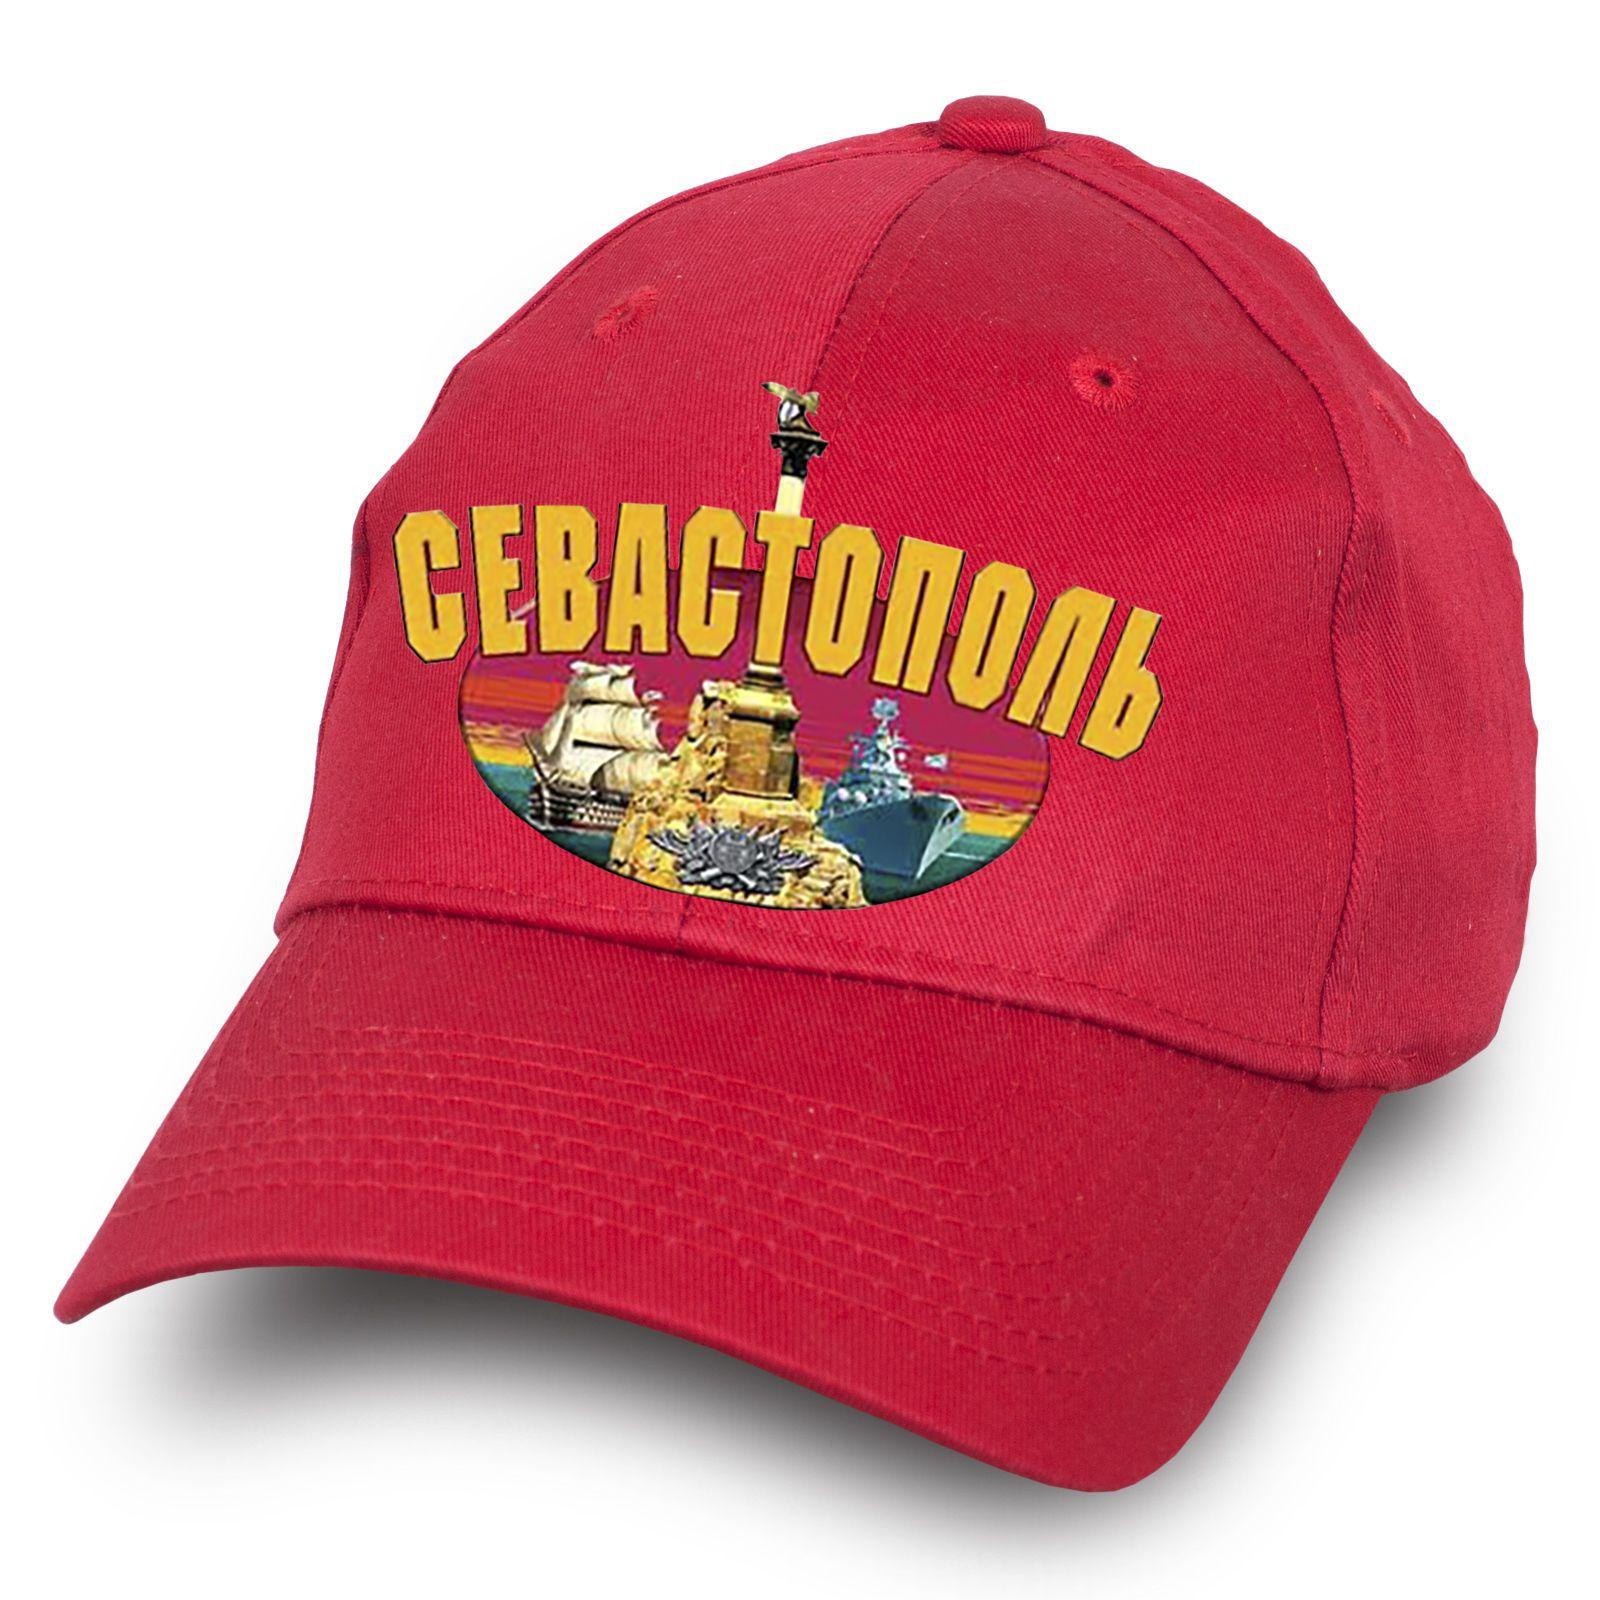 Бейсболка Севастопольская - купить с доставкой в интернет-магазине